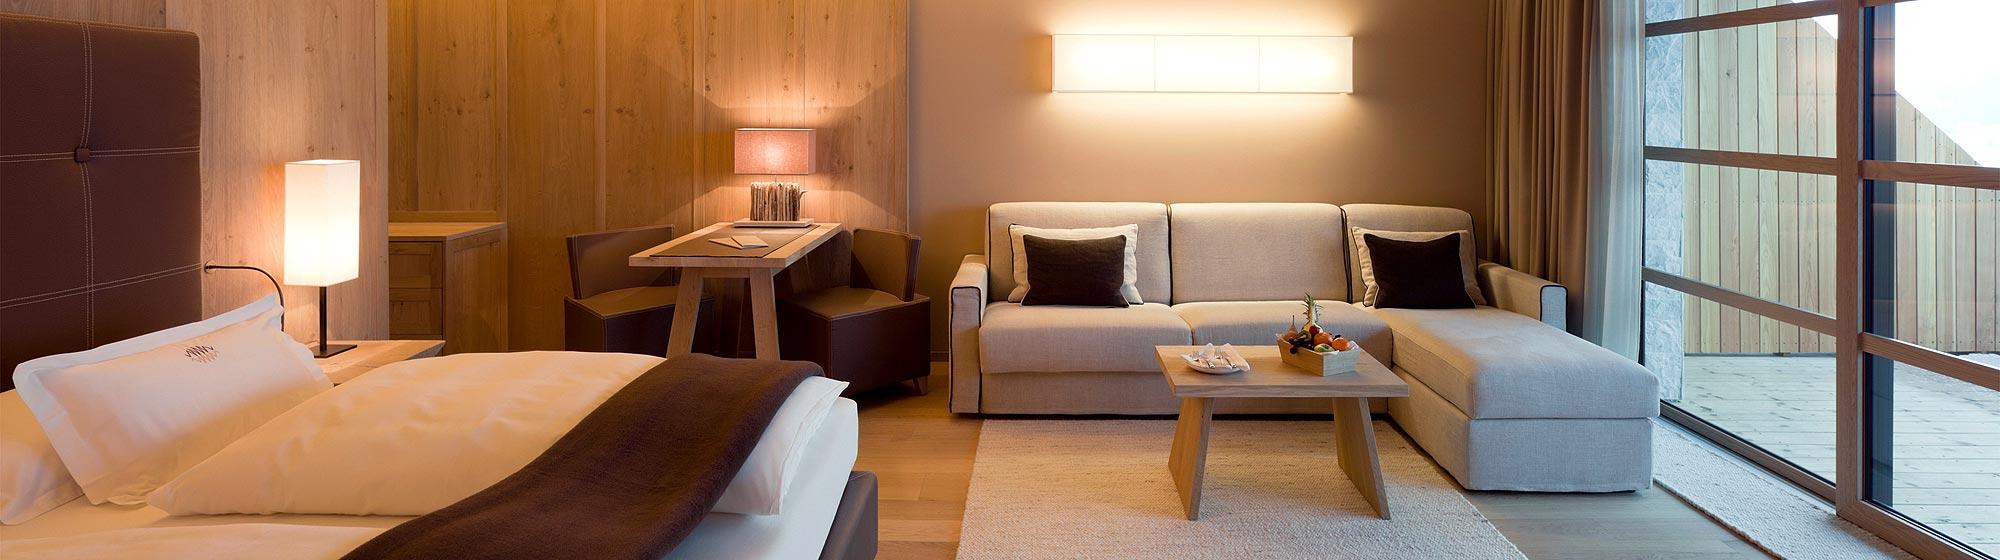 Settore alberghiero realizzazione di arredi per il for Arredi per centri estetici